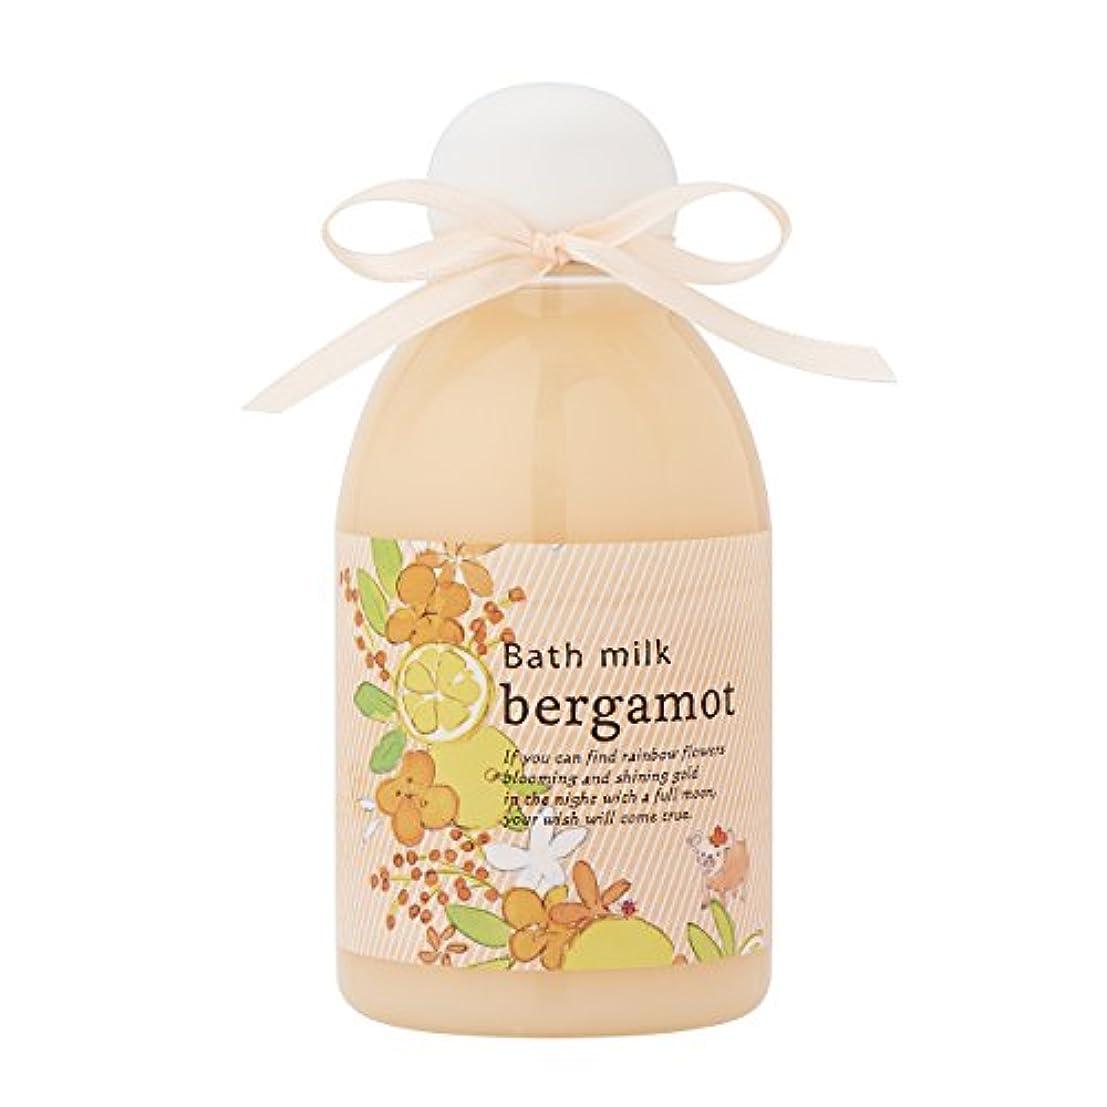 勢い不十分なラブサンハーブ バスミルク ベルガモット 200ml(バブルバスタイプ入浴料 泡風呂 懐かしい甘酸っぱい香り)